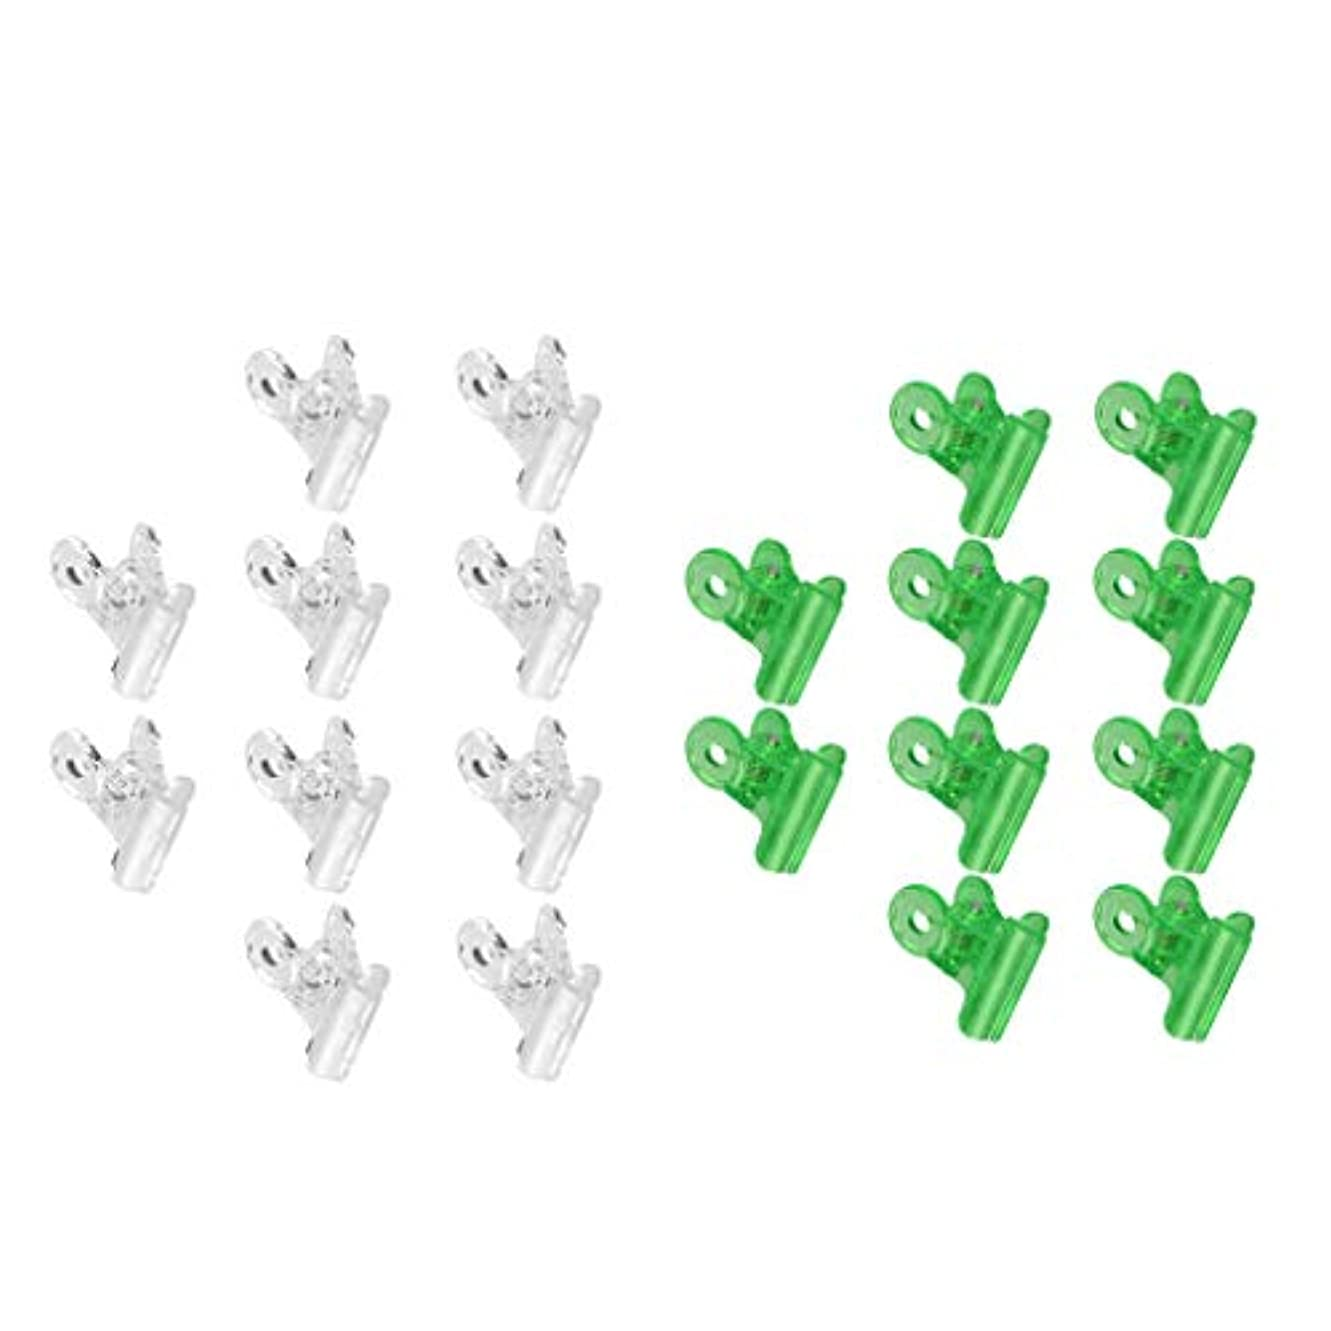 砲撃マイクロプロセッサ書誌CUTICATE ネイルクリップ ネイルアート ジェルネイルポリッシュ クリーナー ネイルツール ネイルクリップ 全3種 - グリーン+クリア